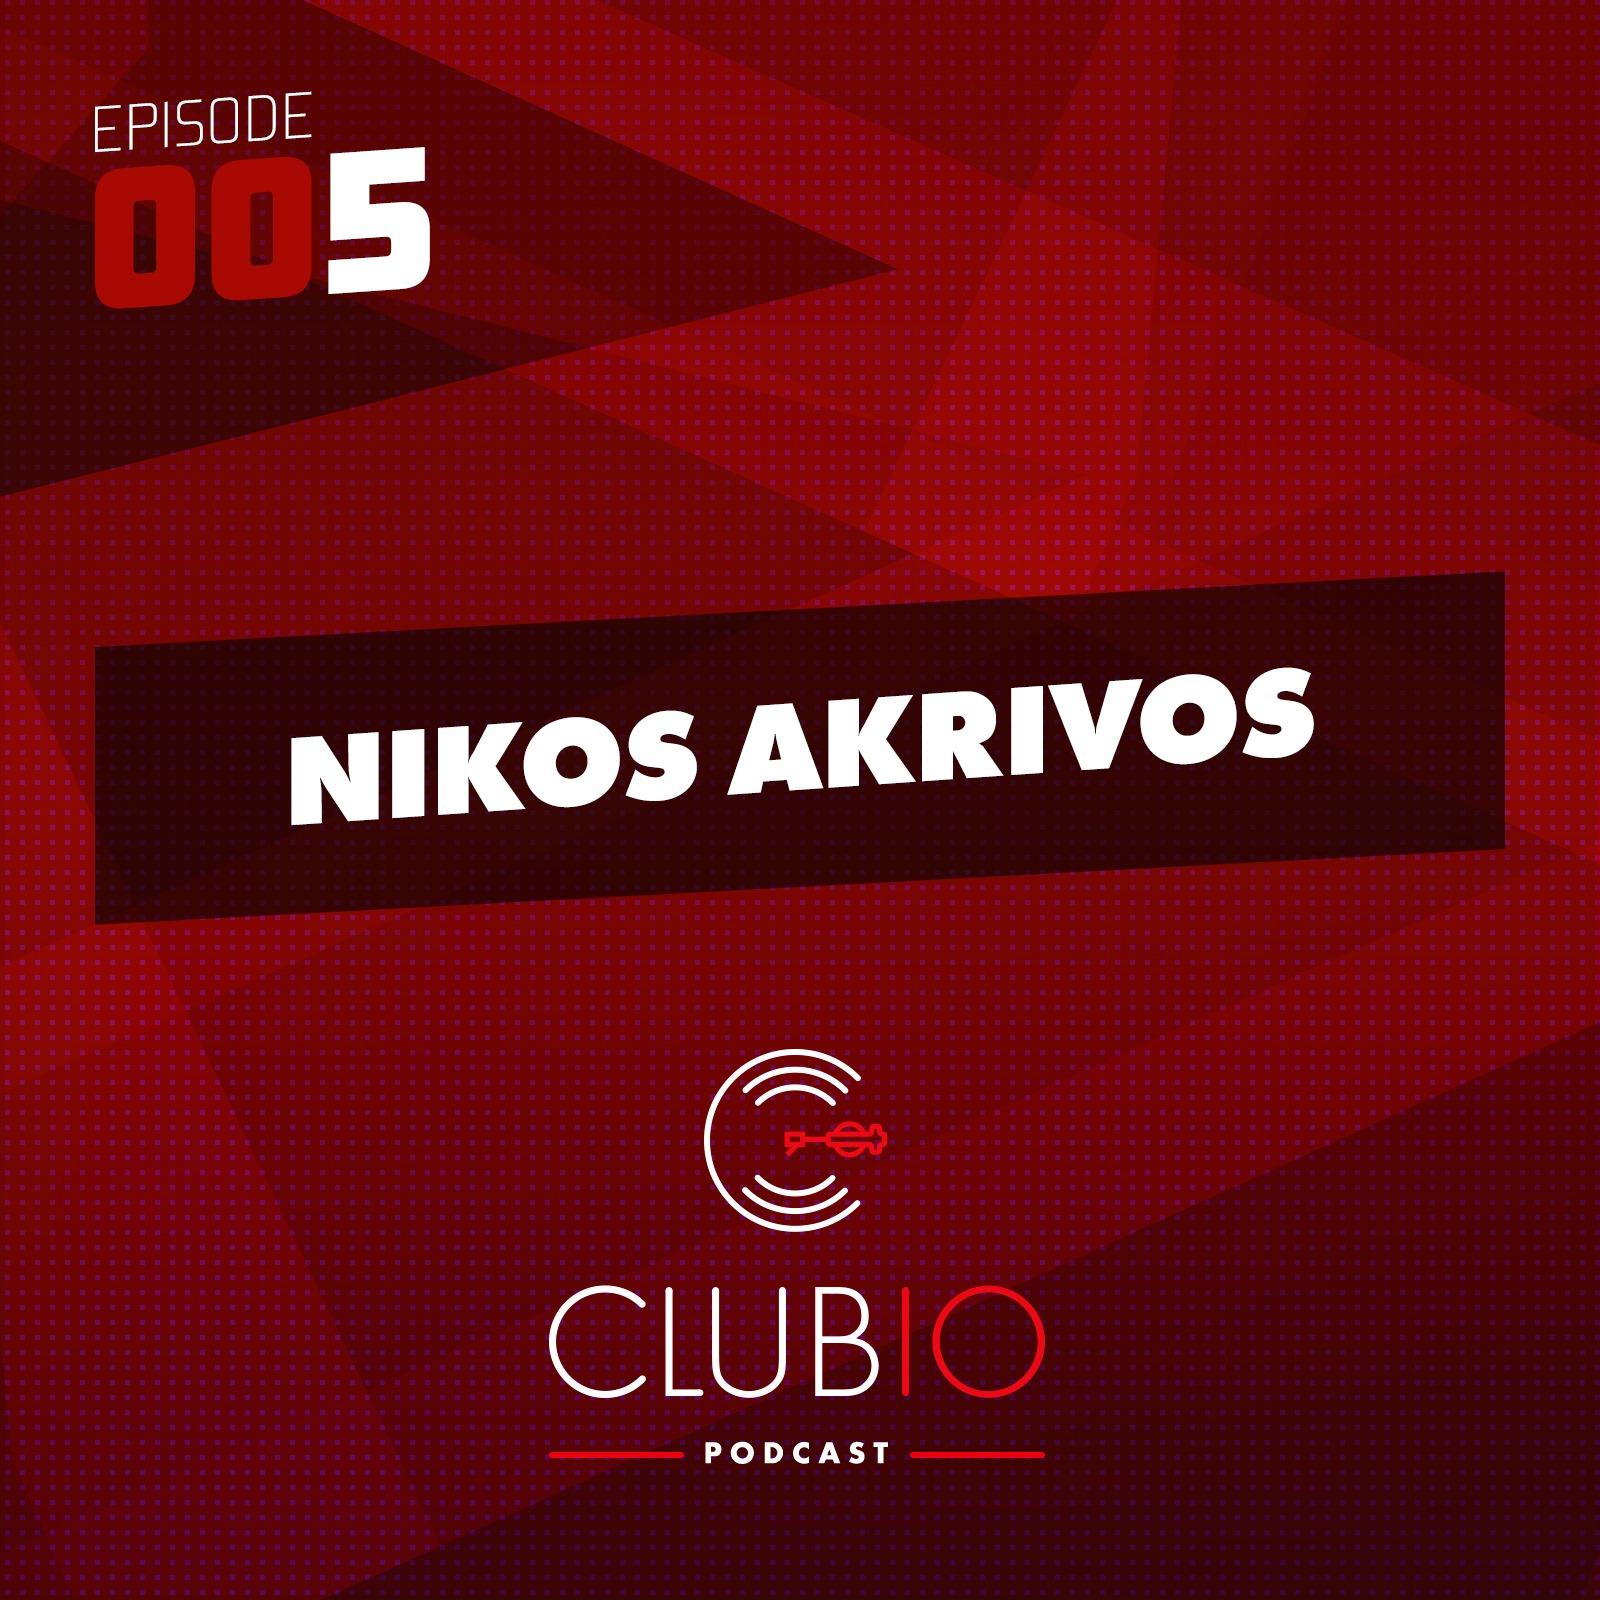 Clubio Podcast 005 - Nikos Akrivos